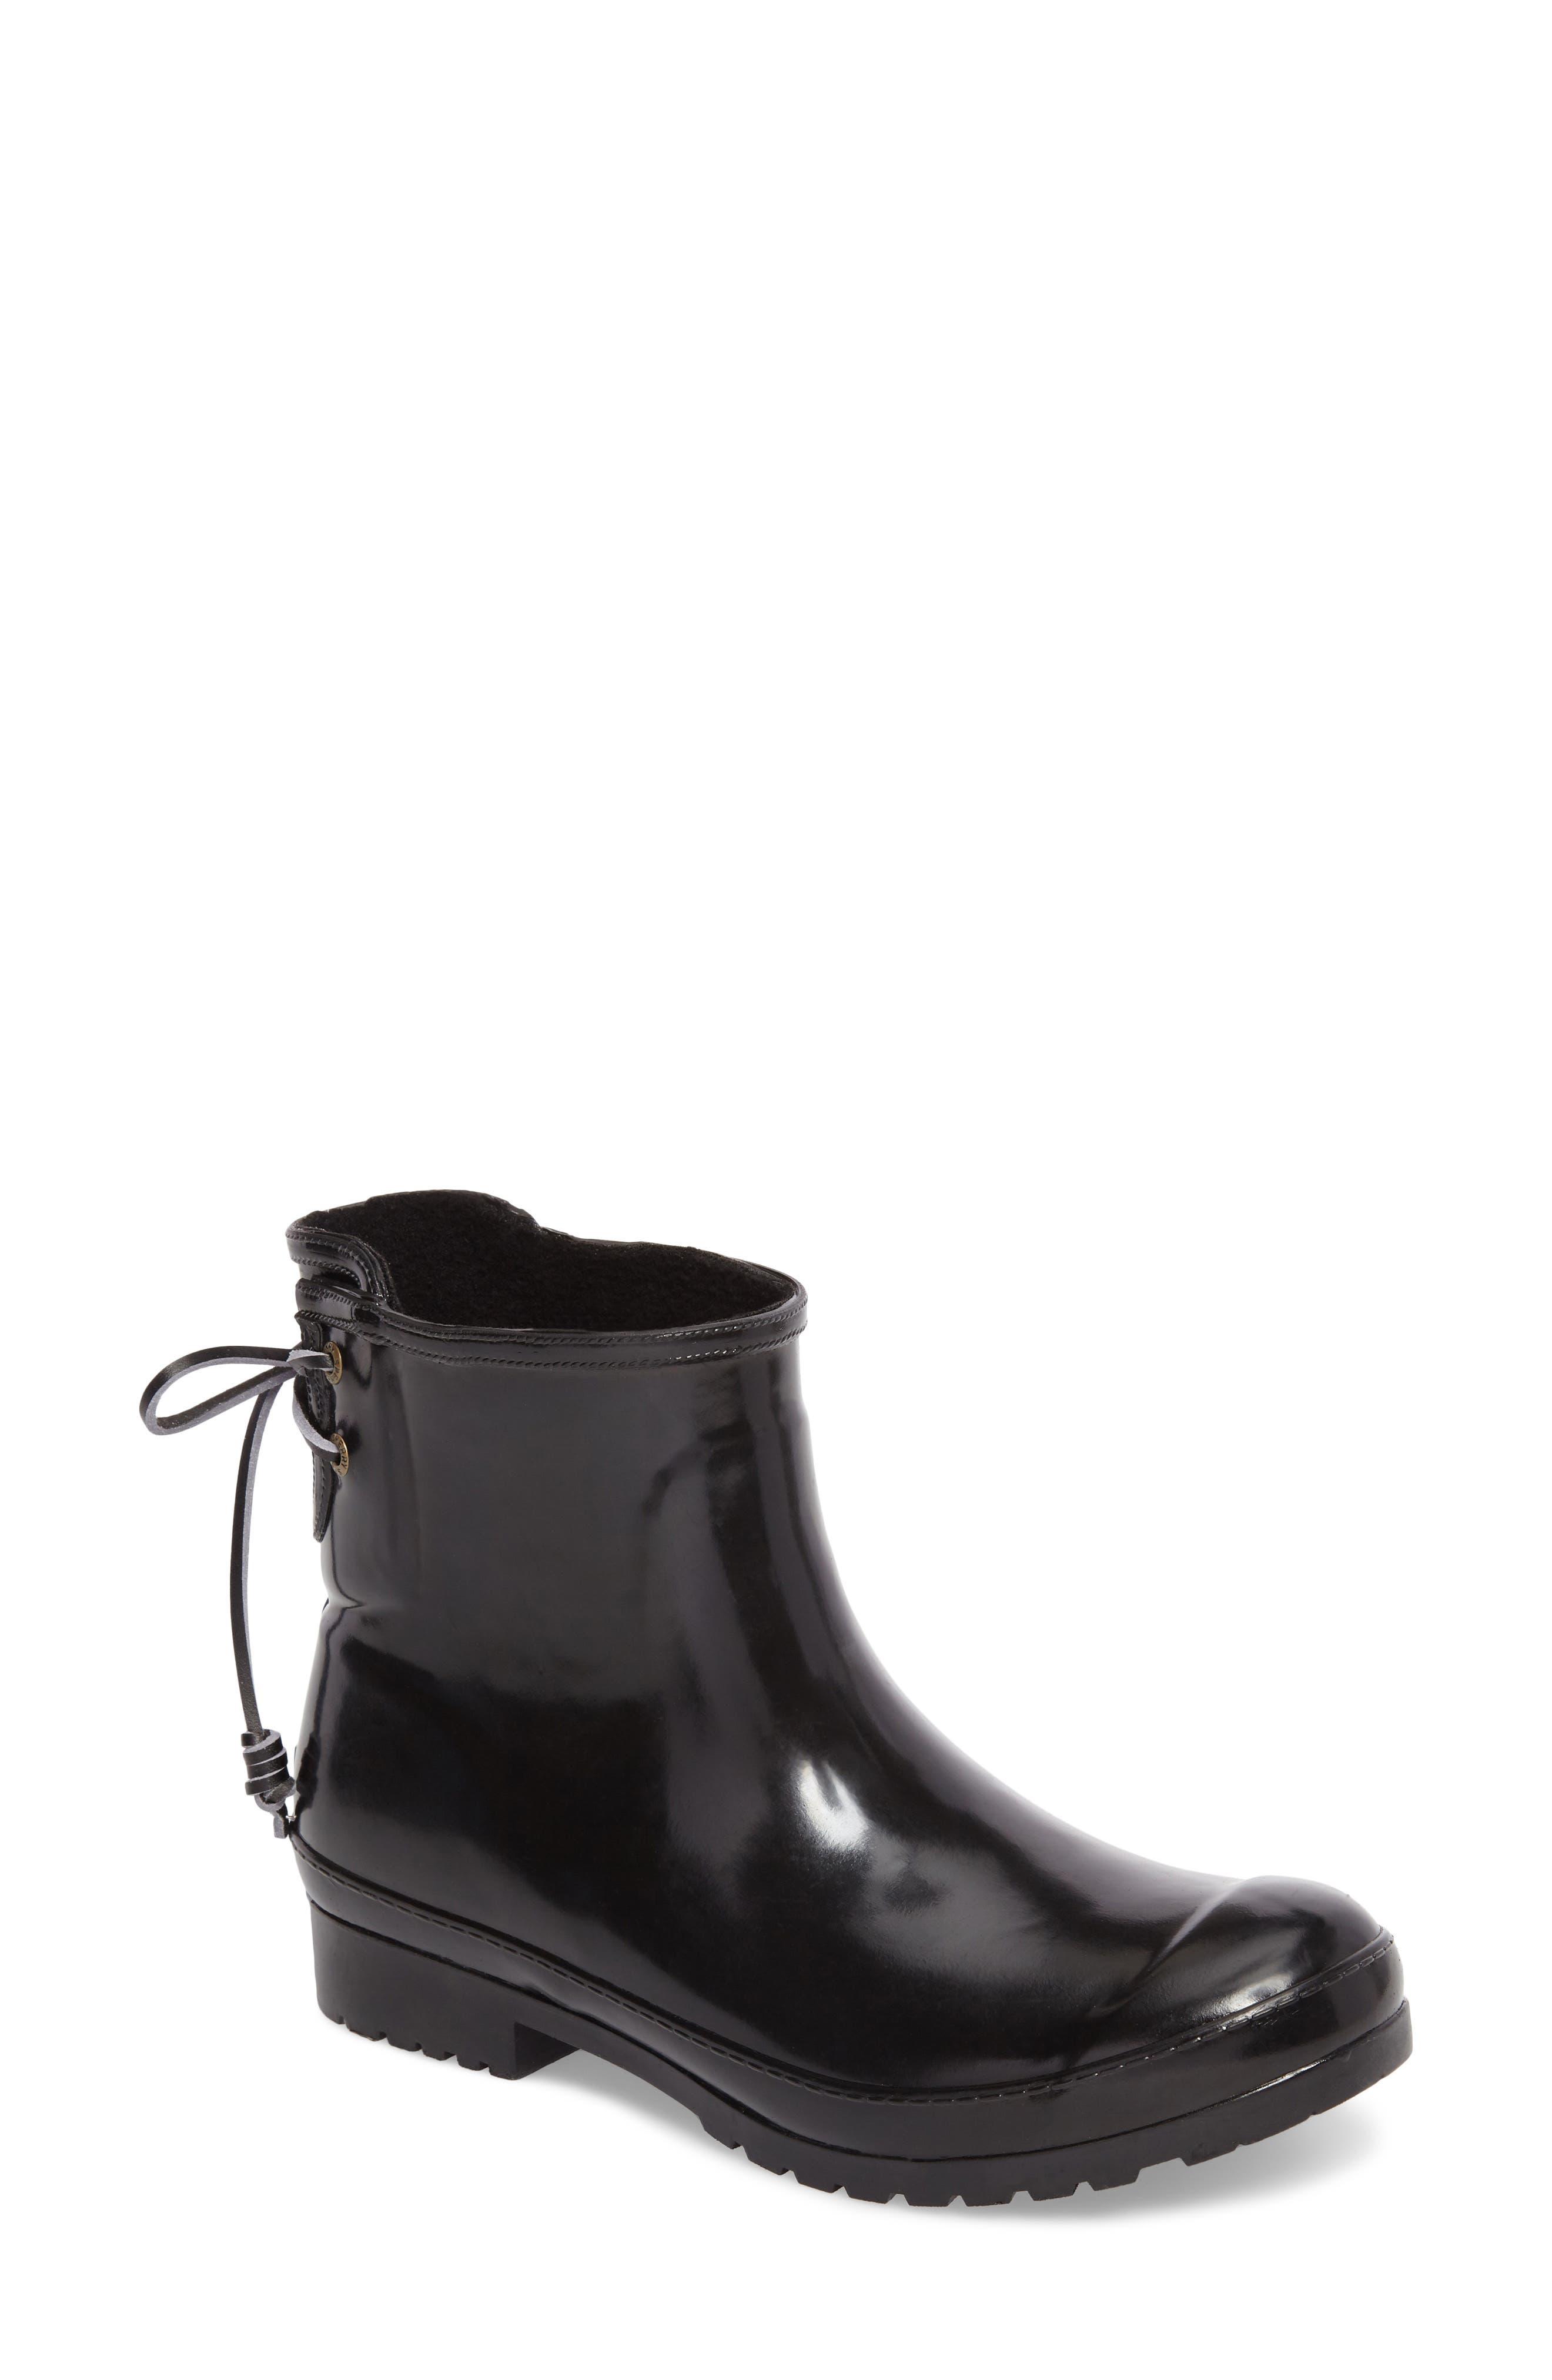 Walker Rain Boot,                         Main,                         color,